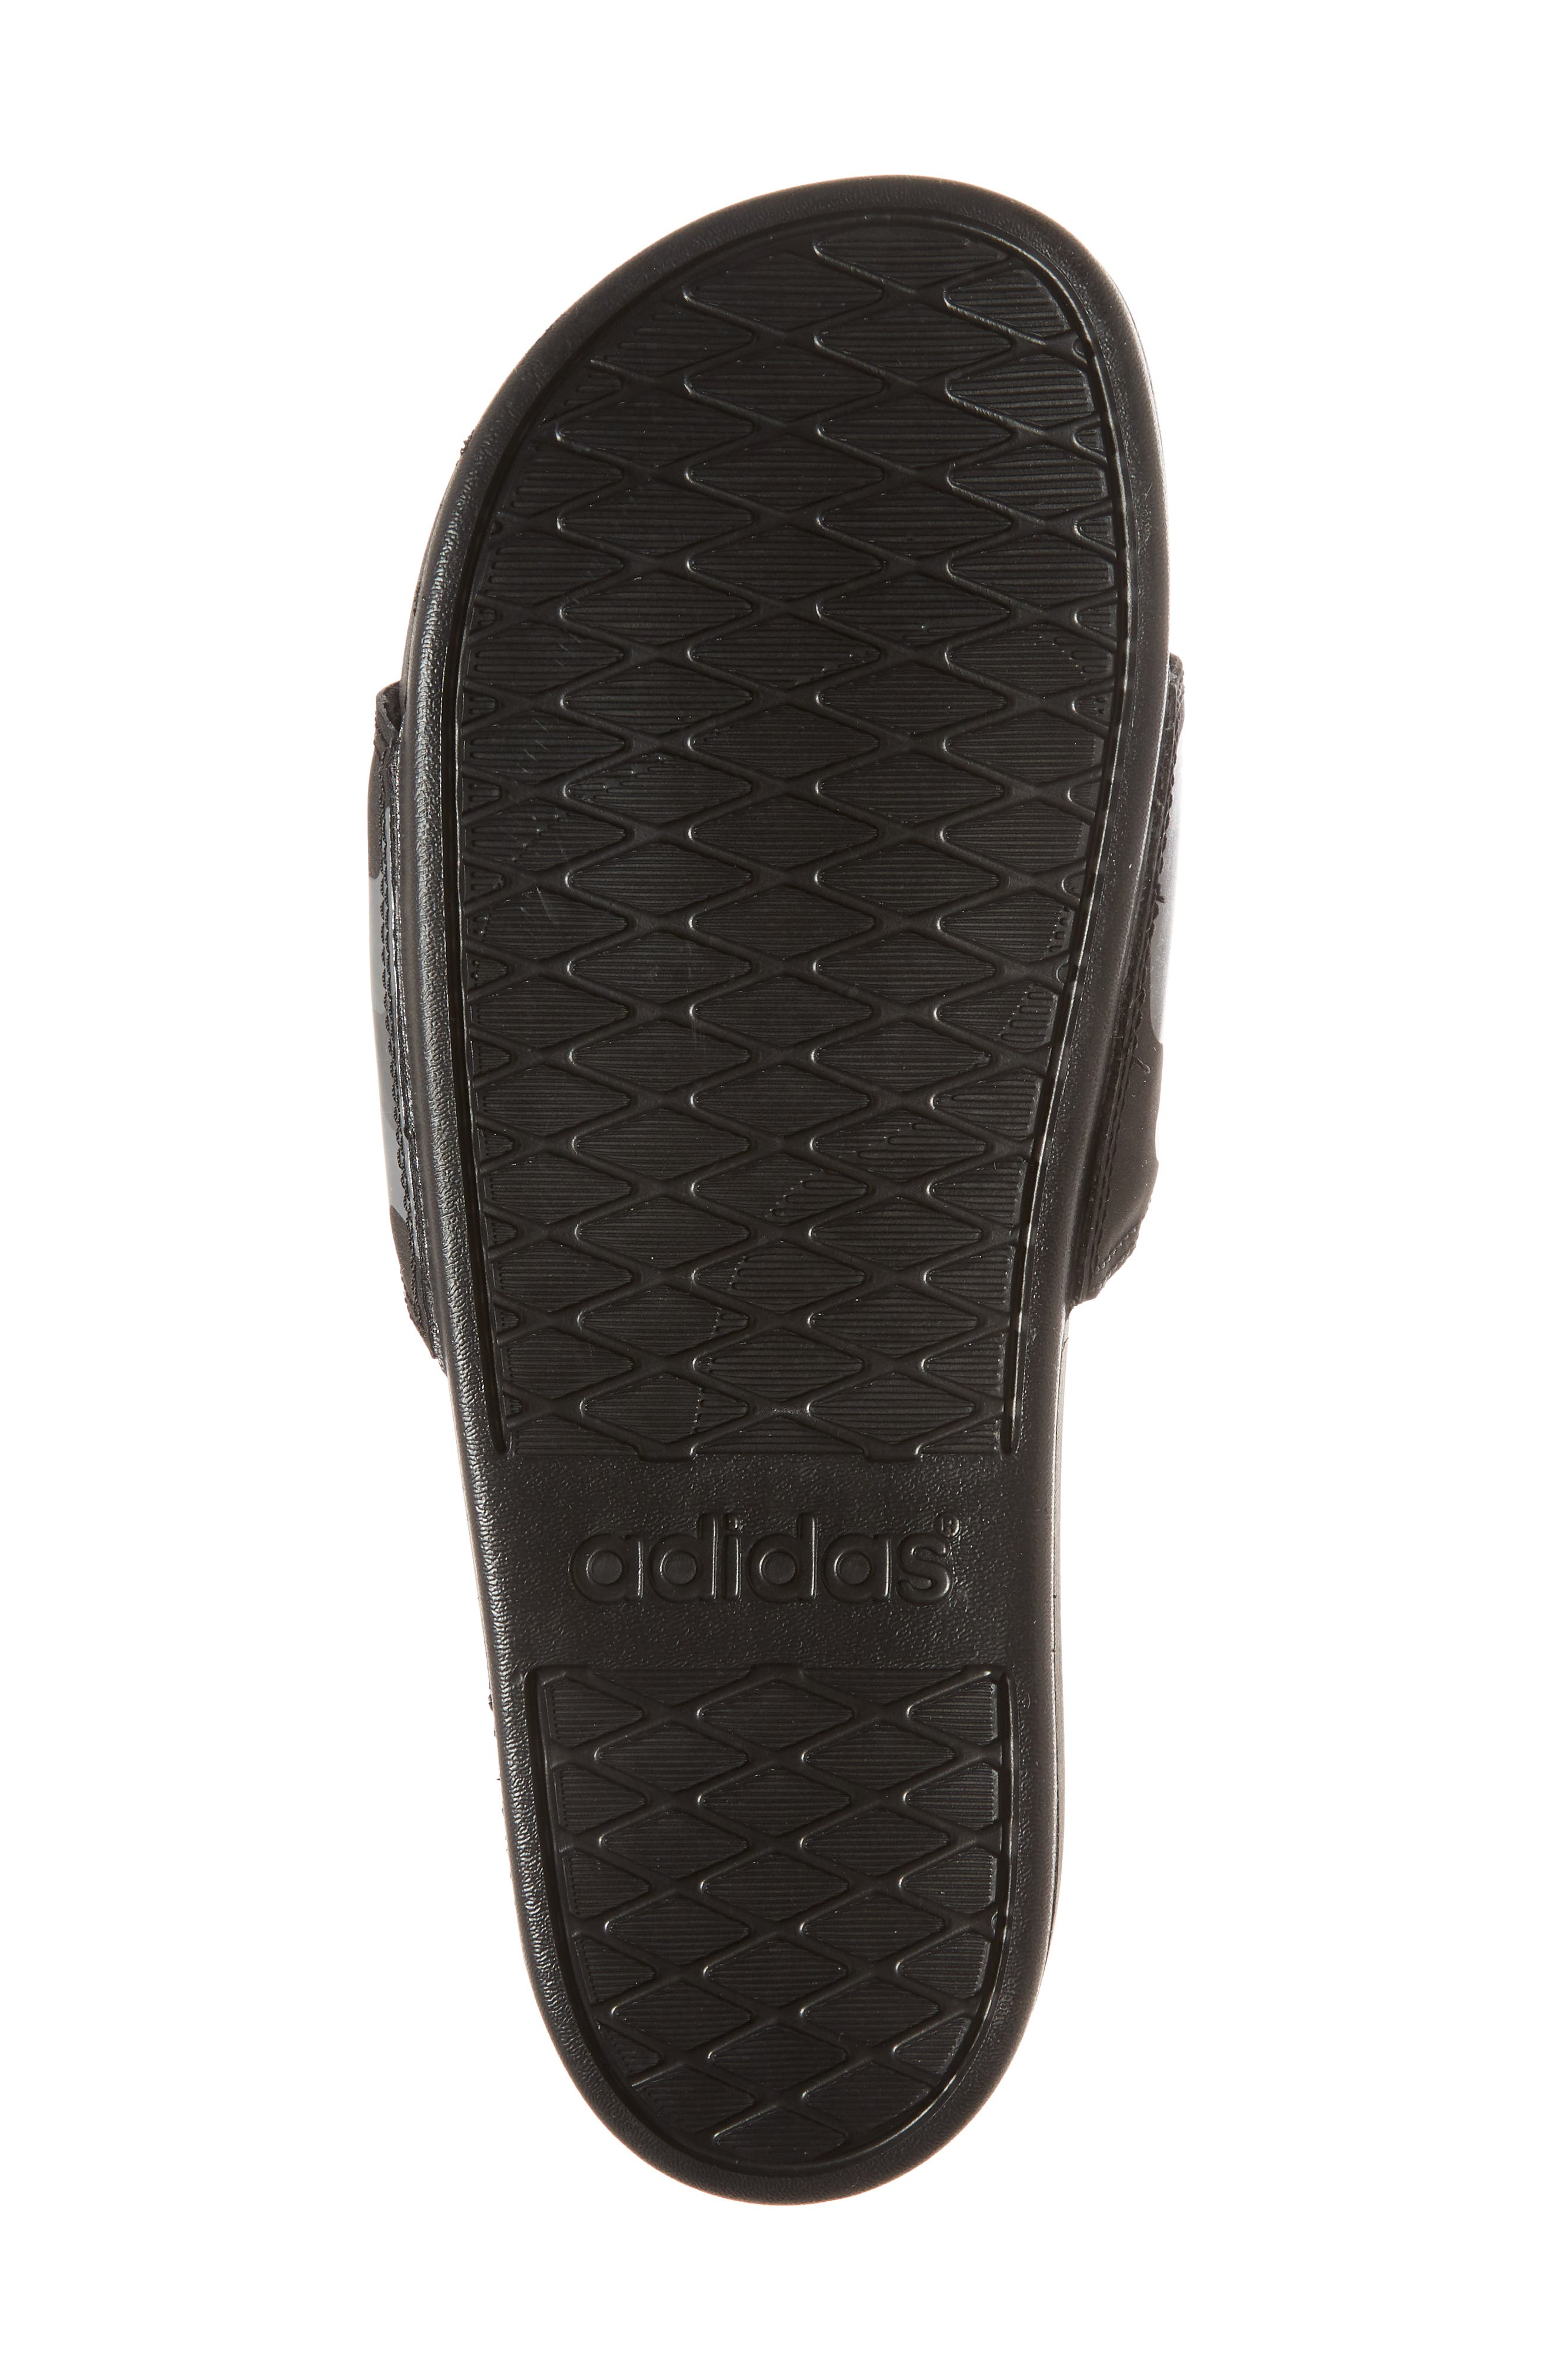 Cloudfoam Plus Slide Sandal,                             Alternate thumbnail 6, color,                             Core Black/ White/ Carbon